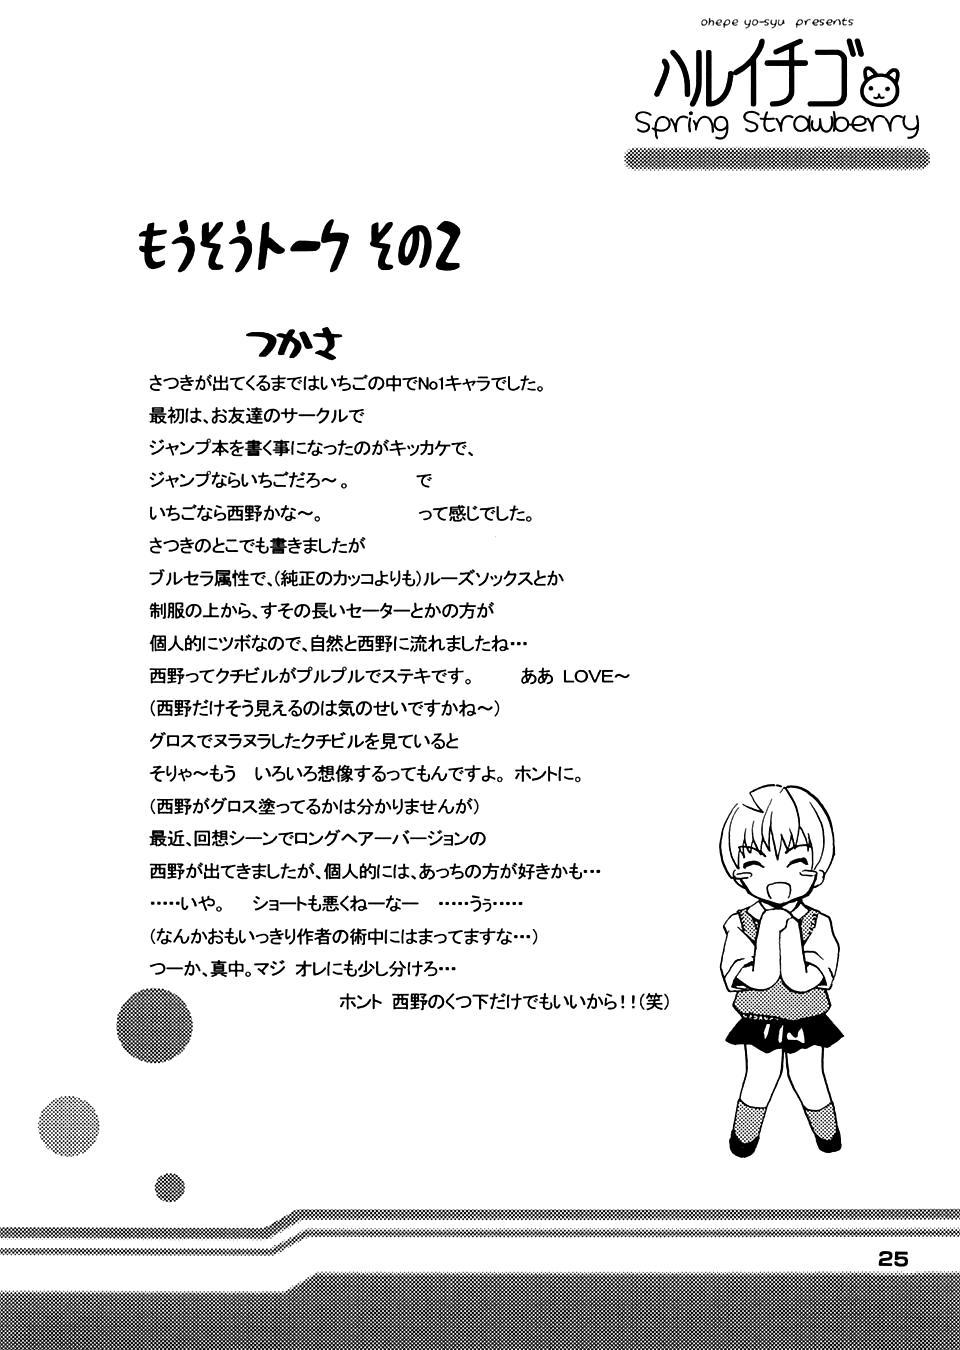 Haru Ichigo - Spring Strawberry 24